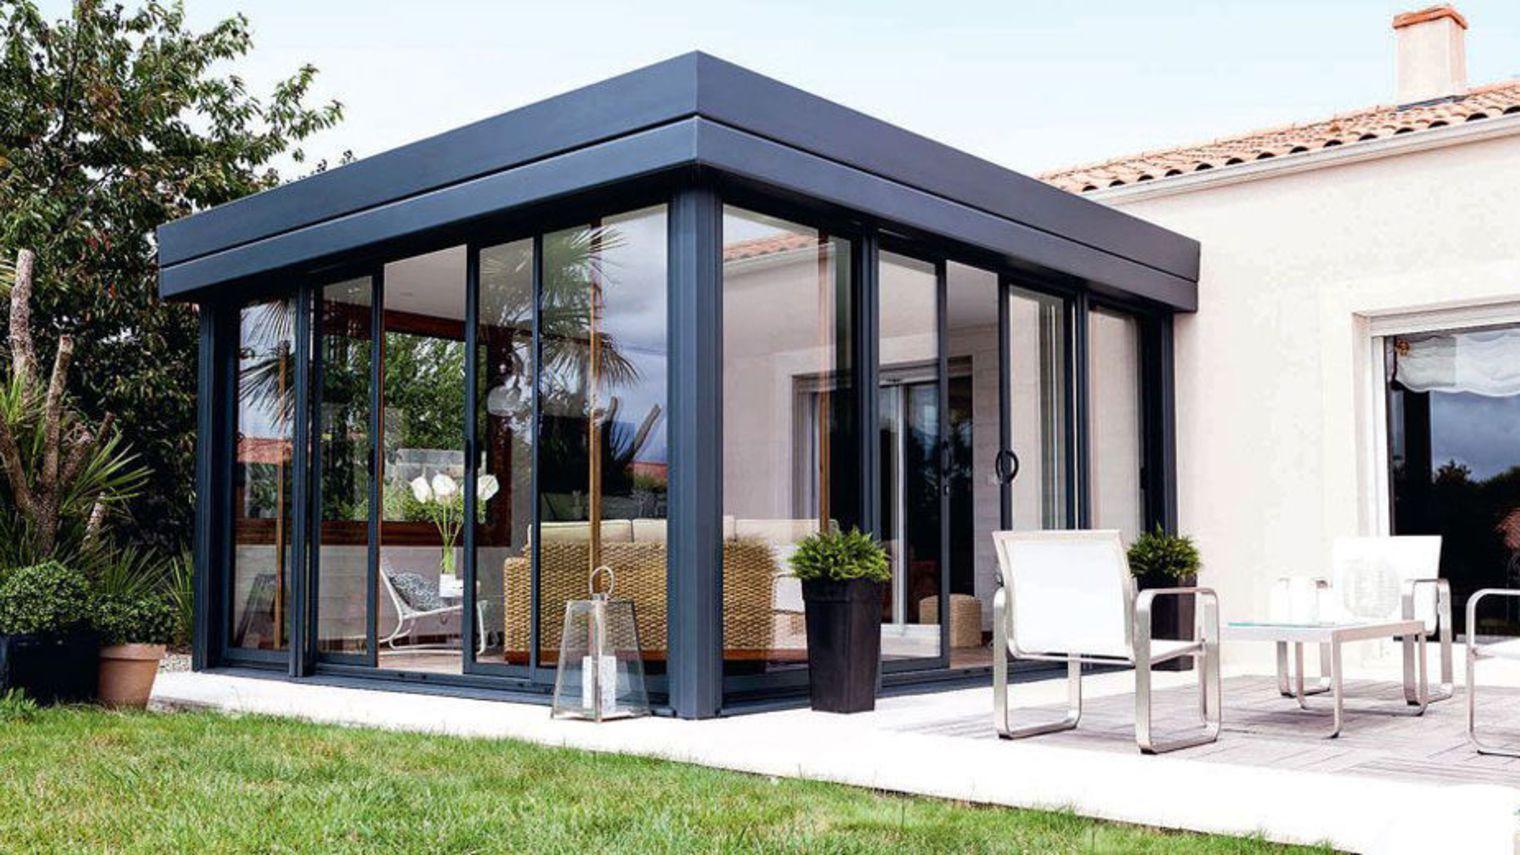 tous savoir sur les diff rents types de v randas bricolage maison. Black Bedroom Furniture Sets. Home Design Ideas